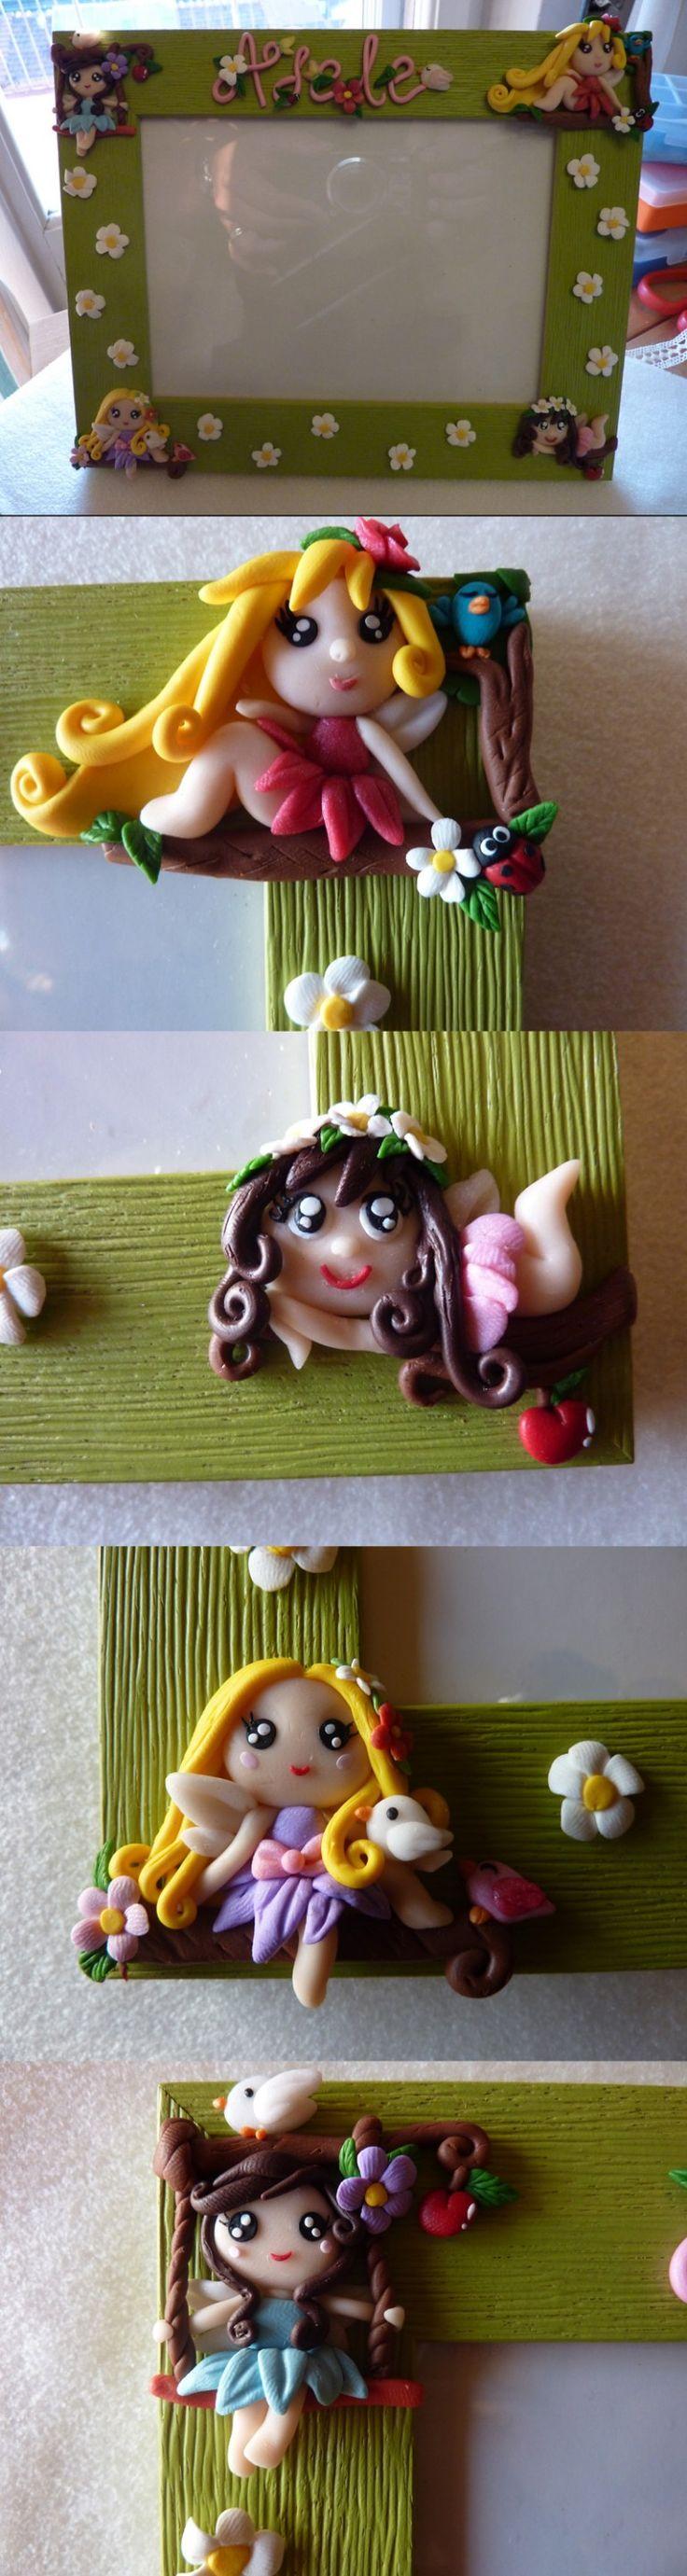 Cornice con decorazioni in FIMO fatte a mano con fate dei boschi - Custom-made frame decorated with four fairy princesses in fimo polymer clay handmade